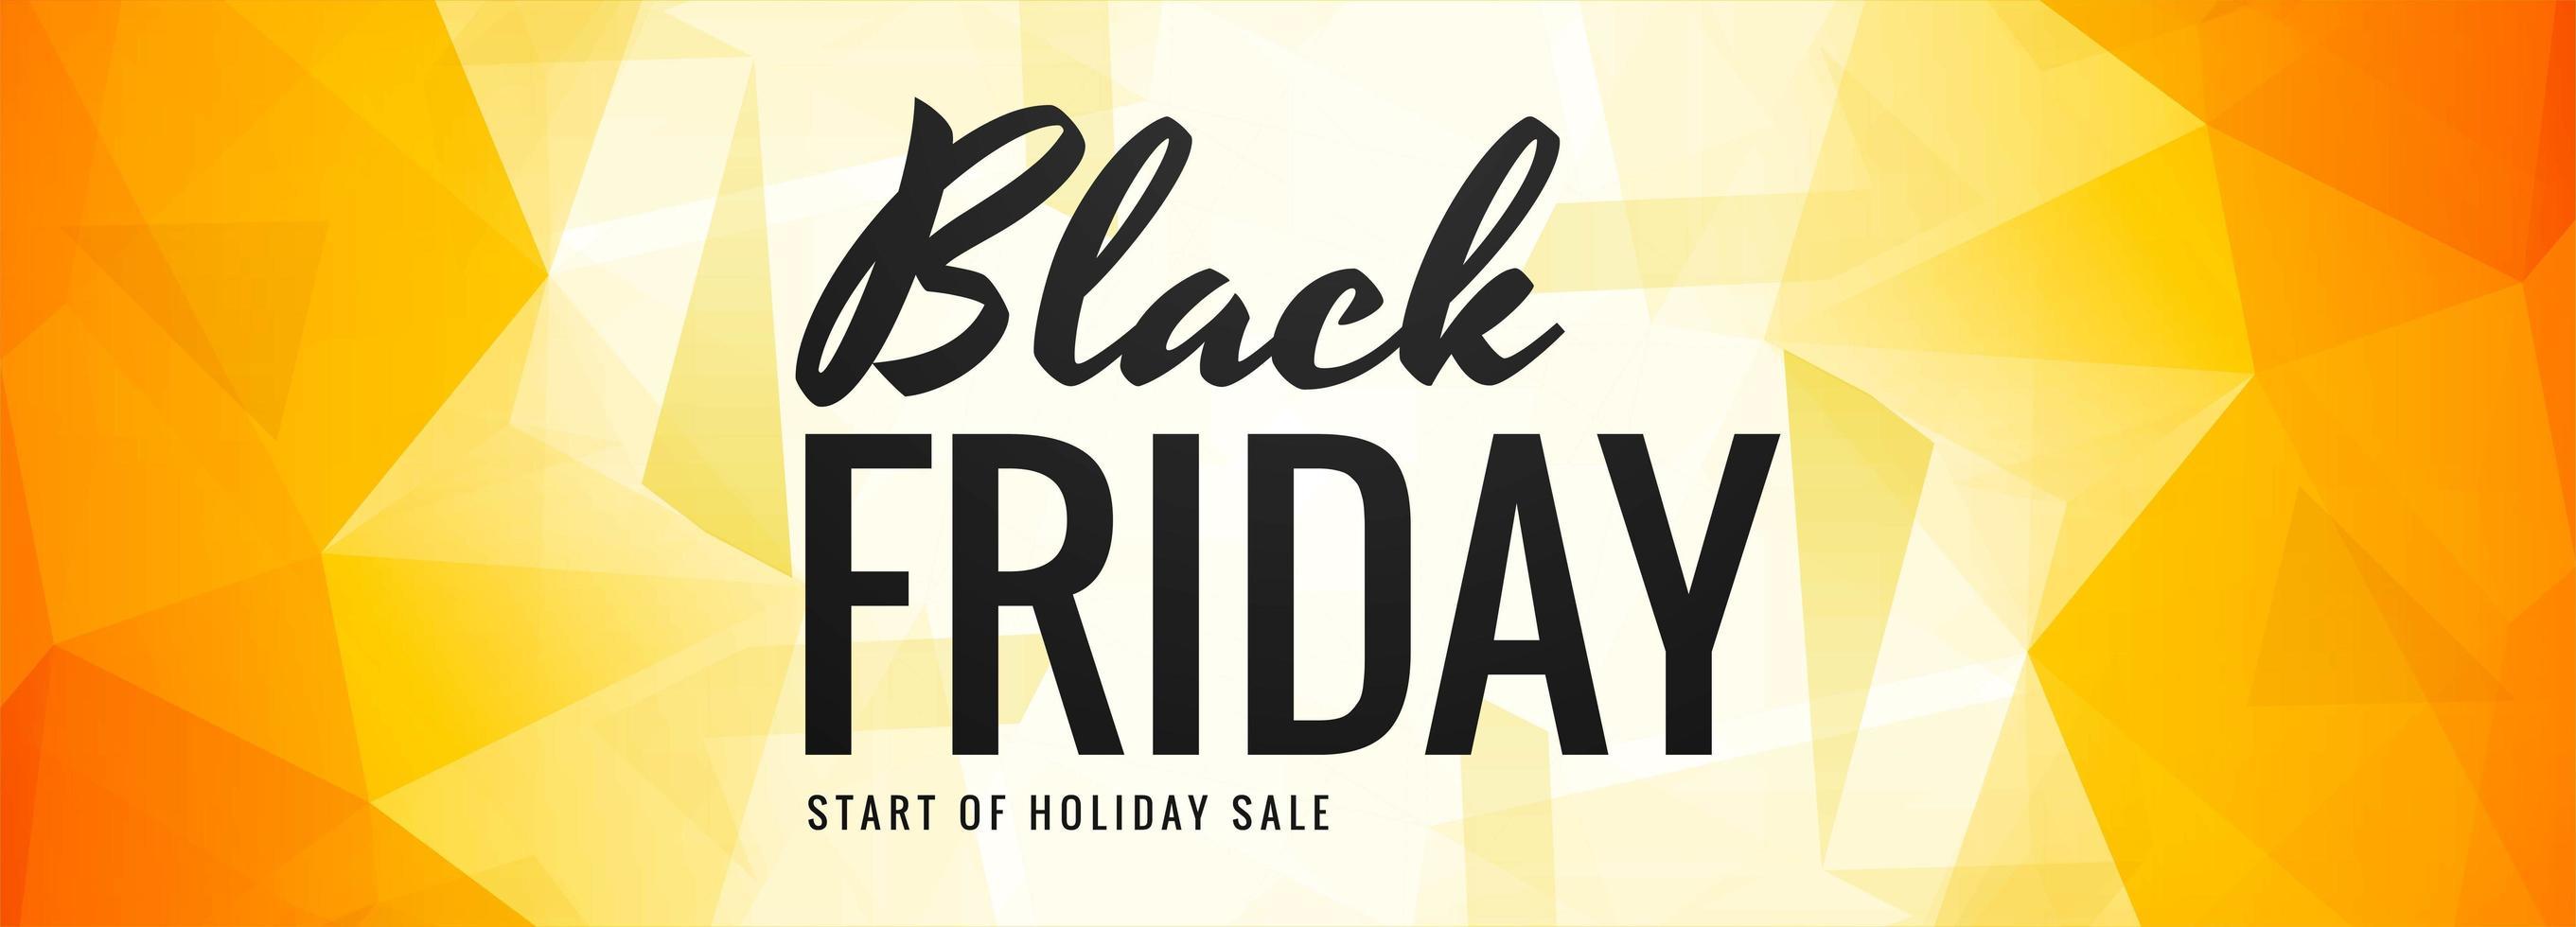 zwarte vrijdag verkoop veelhoek banner vector